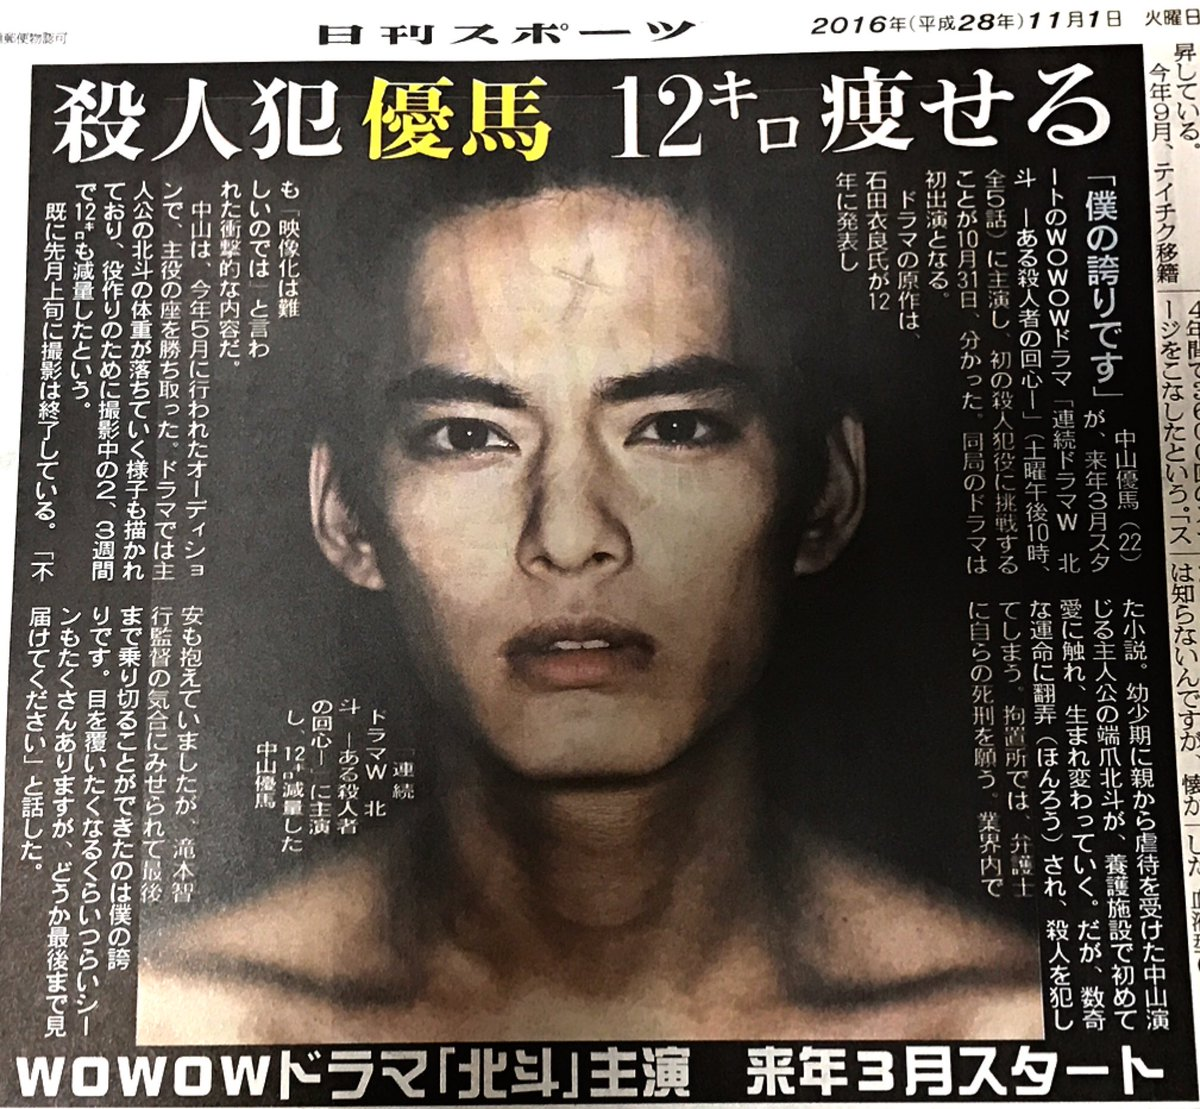 《日刊スポーツ》中山優馬 来年3月スタートのWOWWOWのドラマに主演